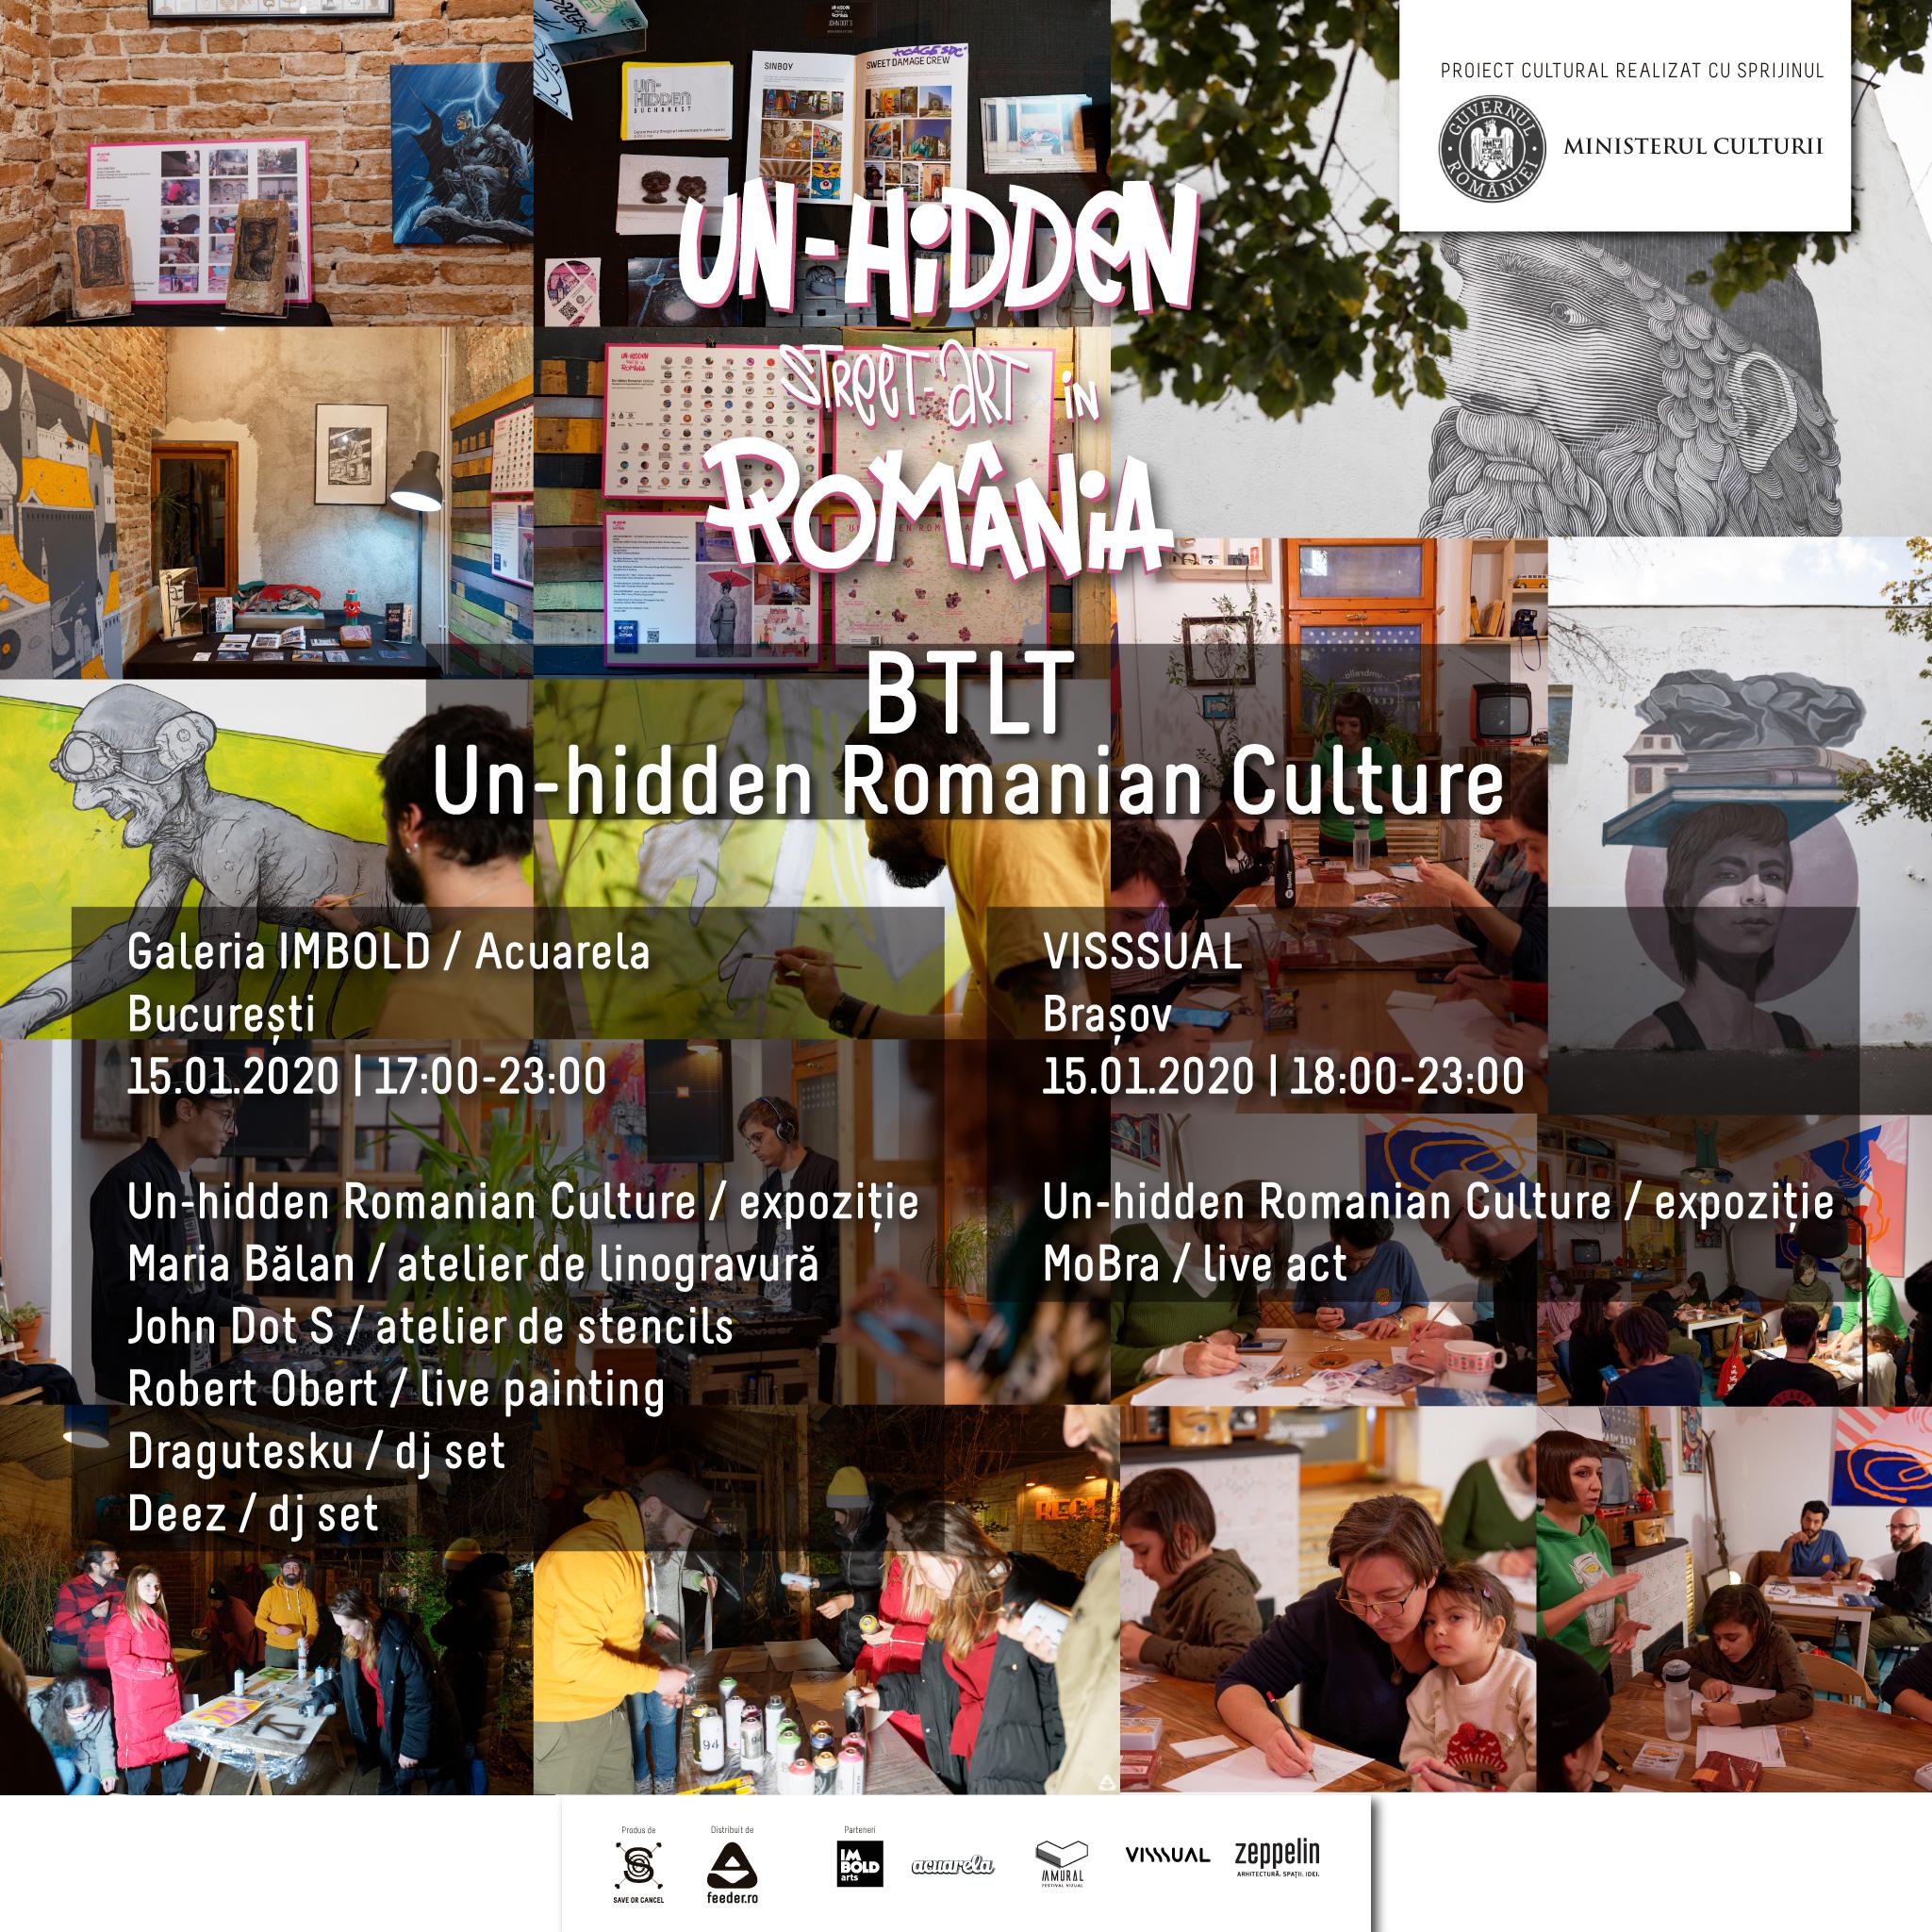 Vezi imagini de la evenimenteleUn-hidden Romanian Culture, organizate cu ocazia Zilei Culturii Naționale